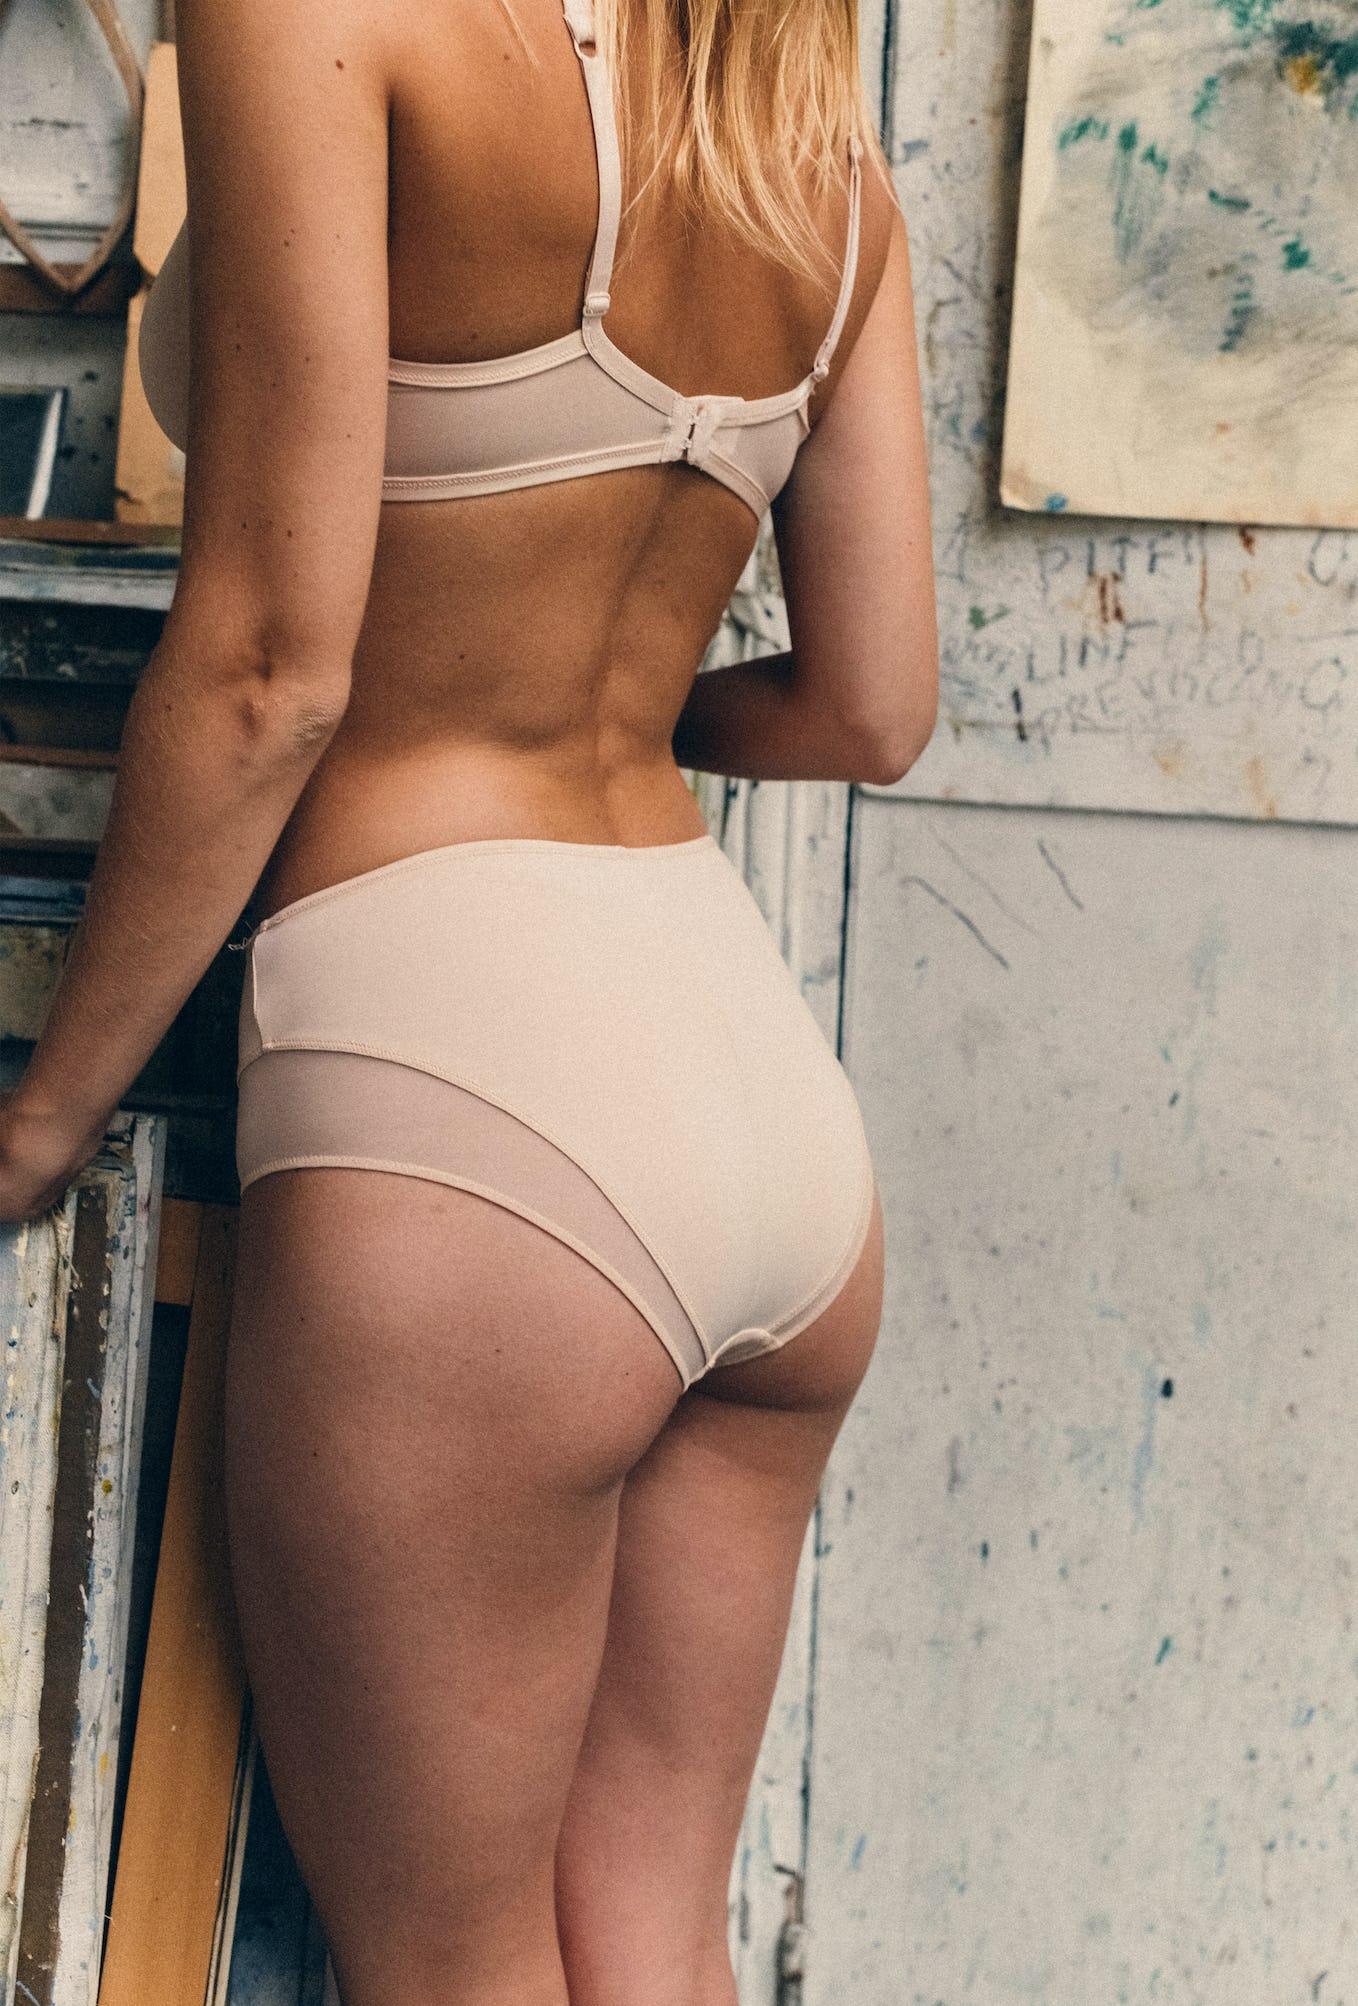 culotte histoire de femme nude